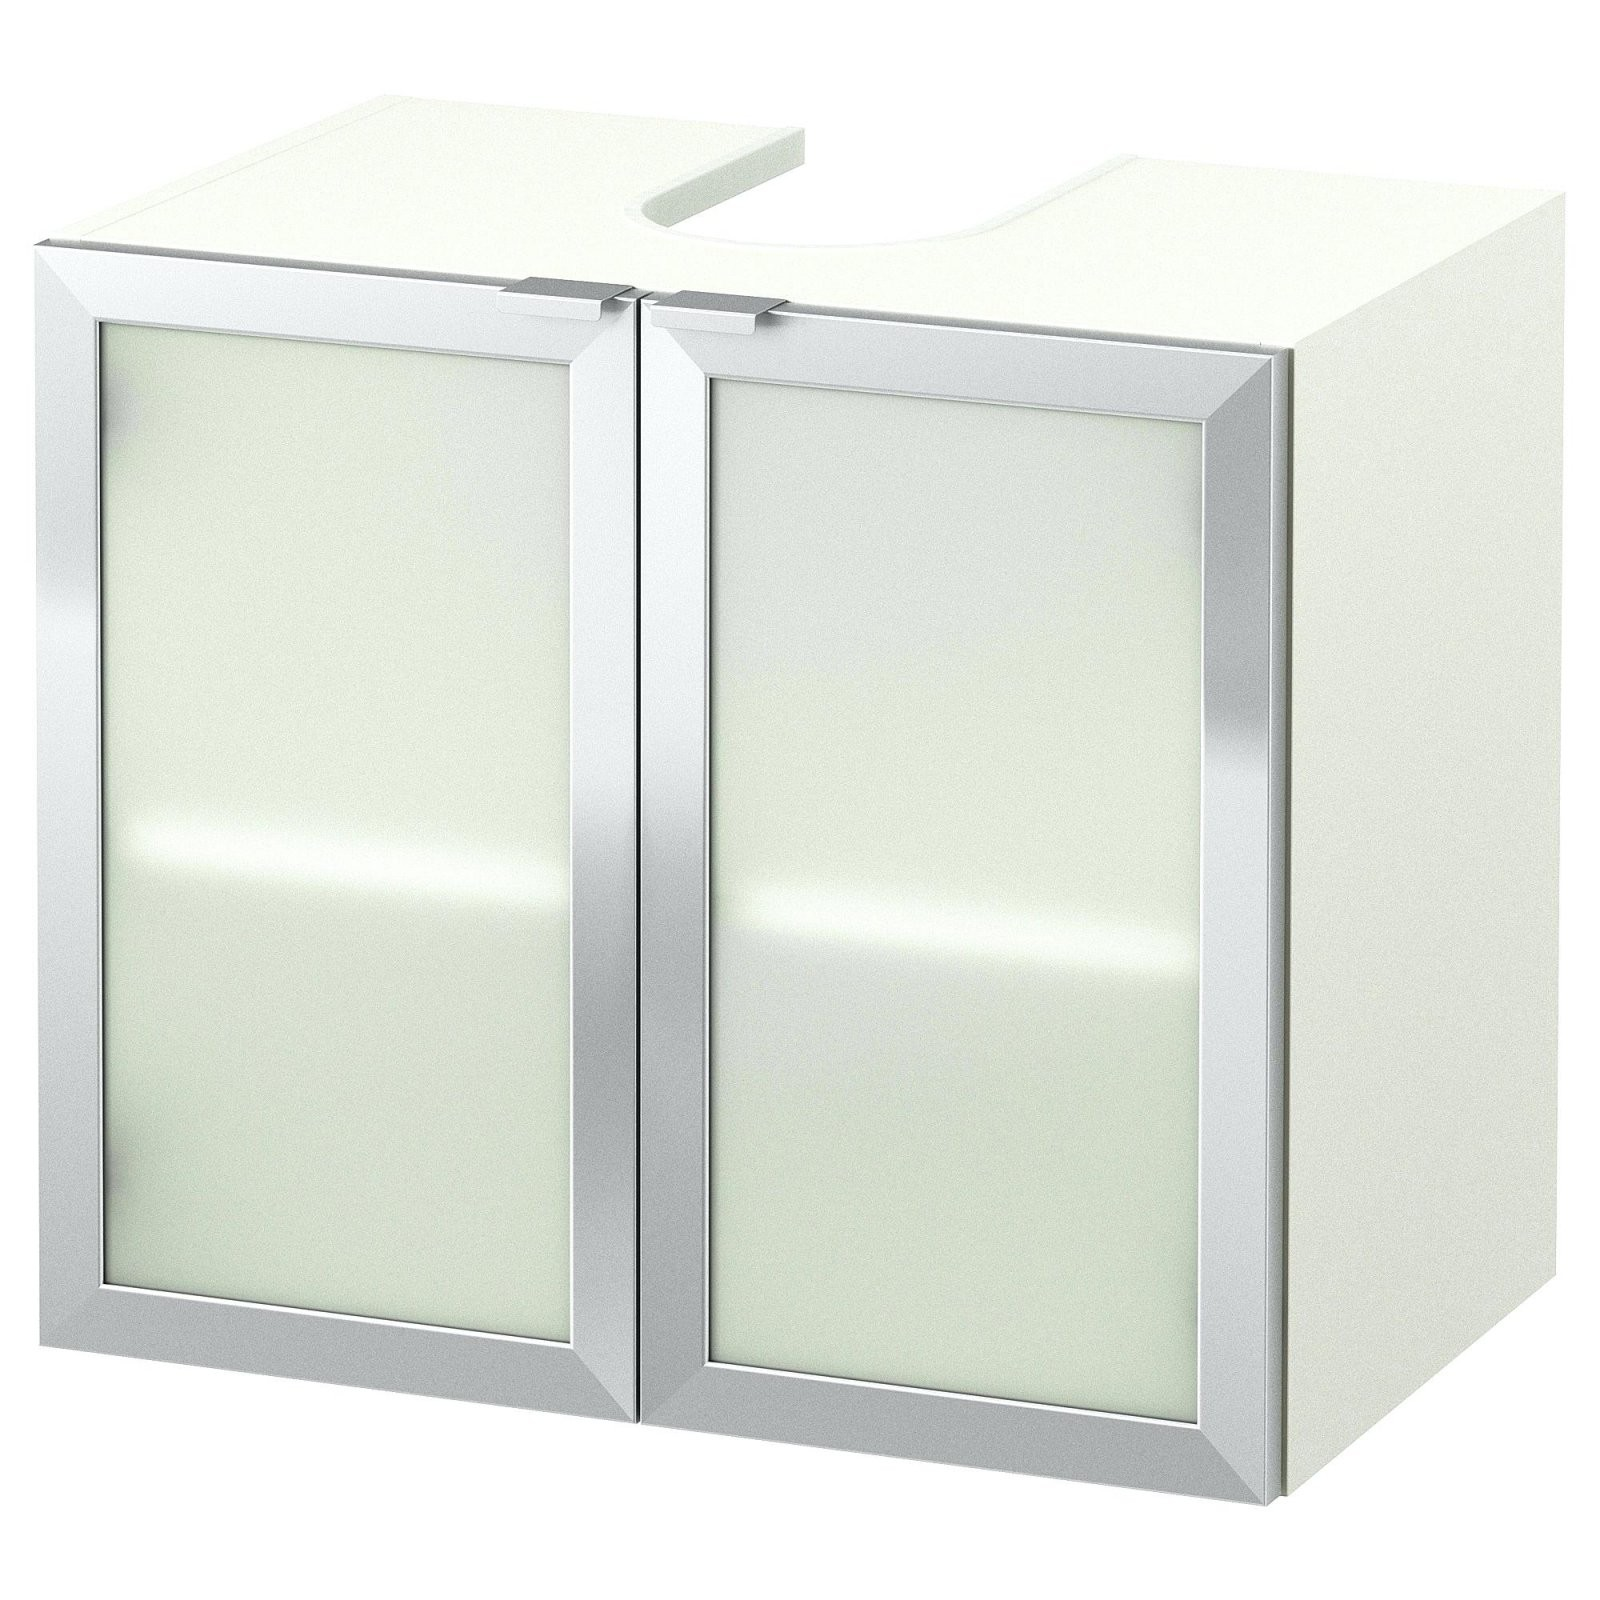 Waschbeckenunterschrank 120 1200 X 40 Cm Breit Stehend von Waschbeckenunterschrank 40 Cm Breit Bild